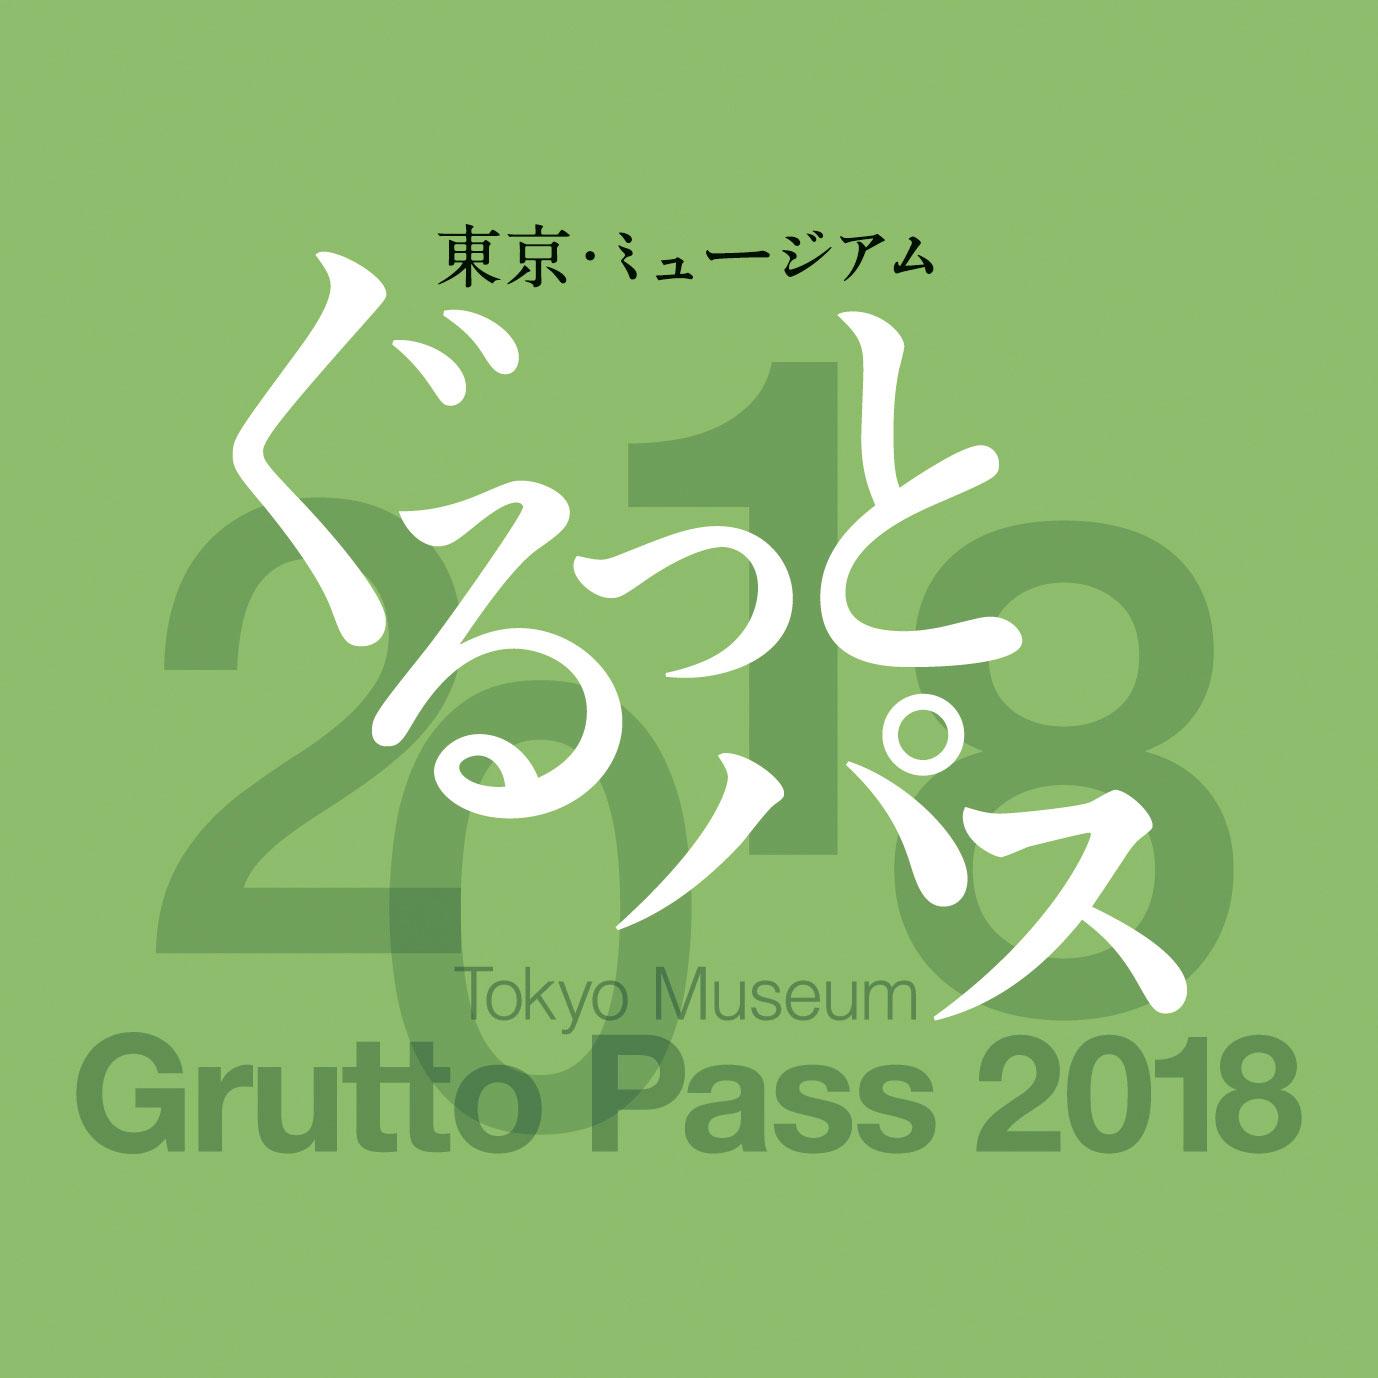 東京ミュージアム「ぐるっとパス2018」